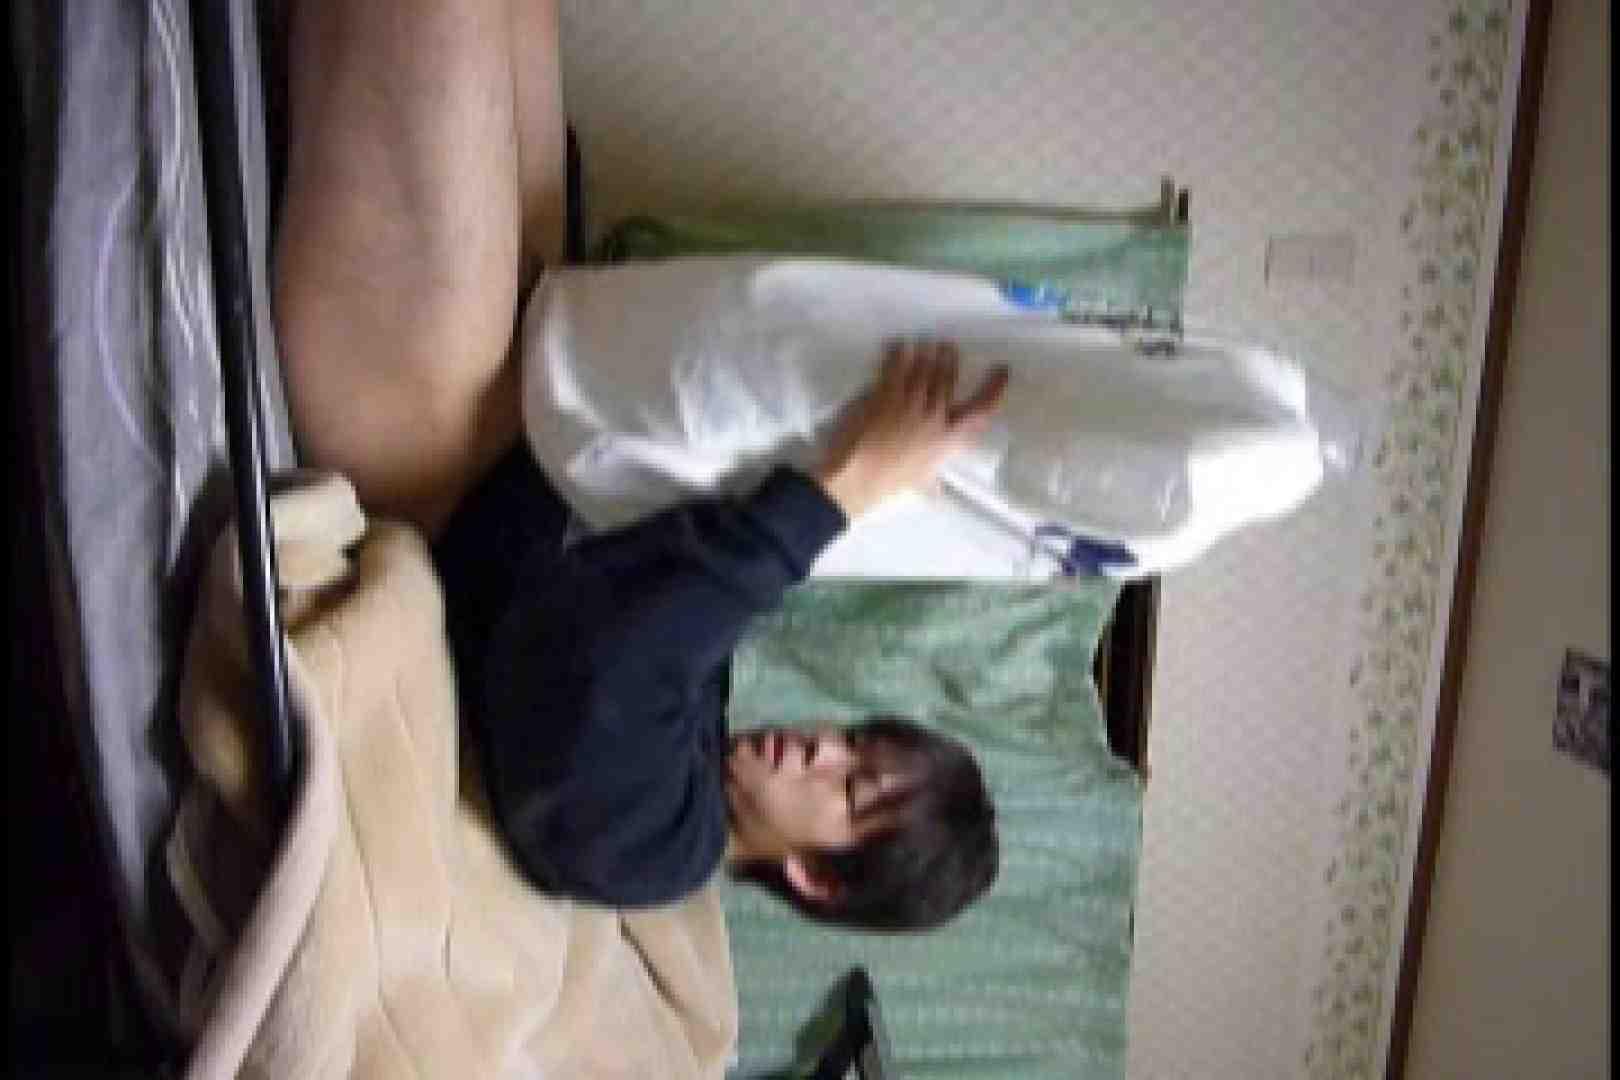 オナ好きノンケテニス部員の自画撮り投稿vol.08 玩具 ゲイAV画像 102pic 93